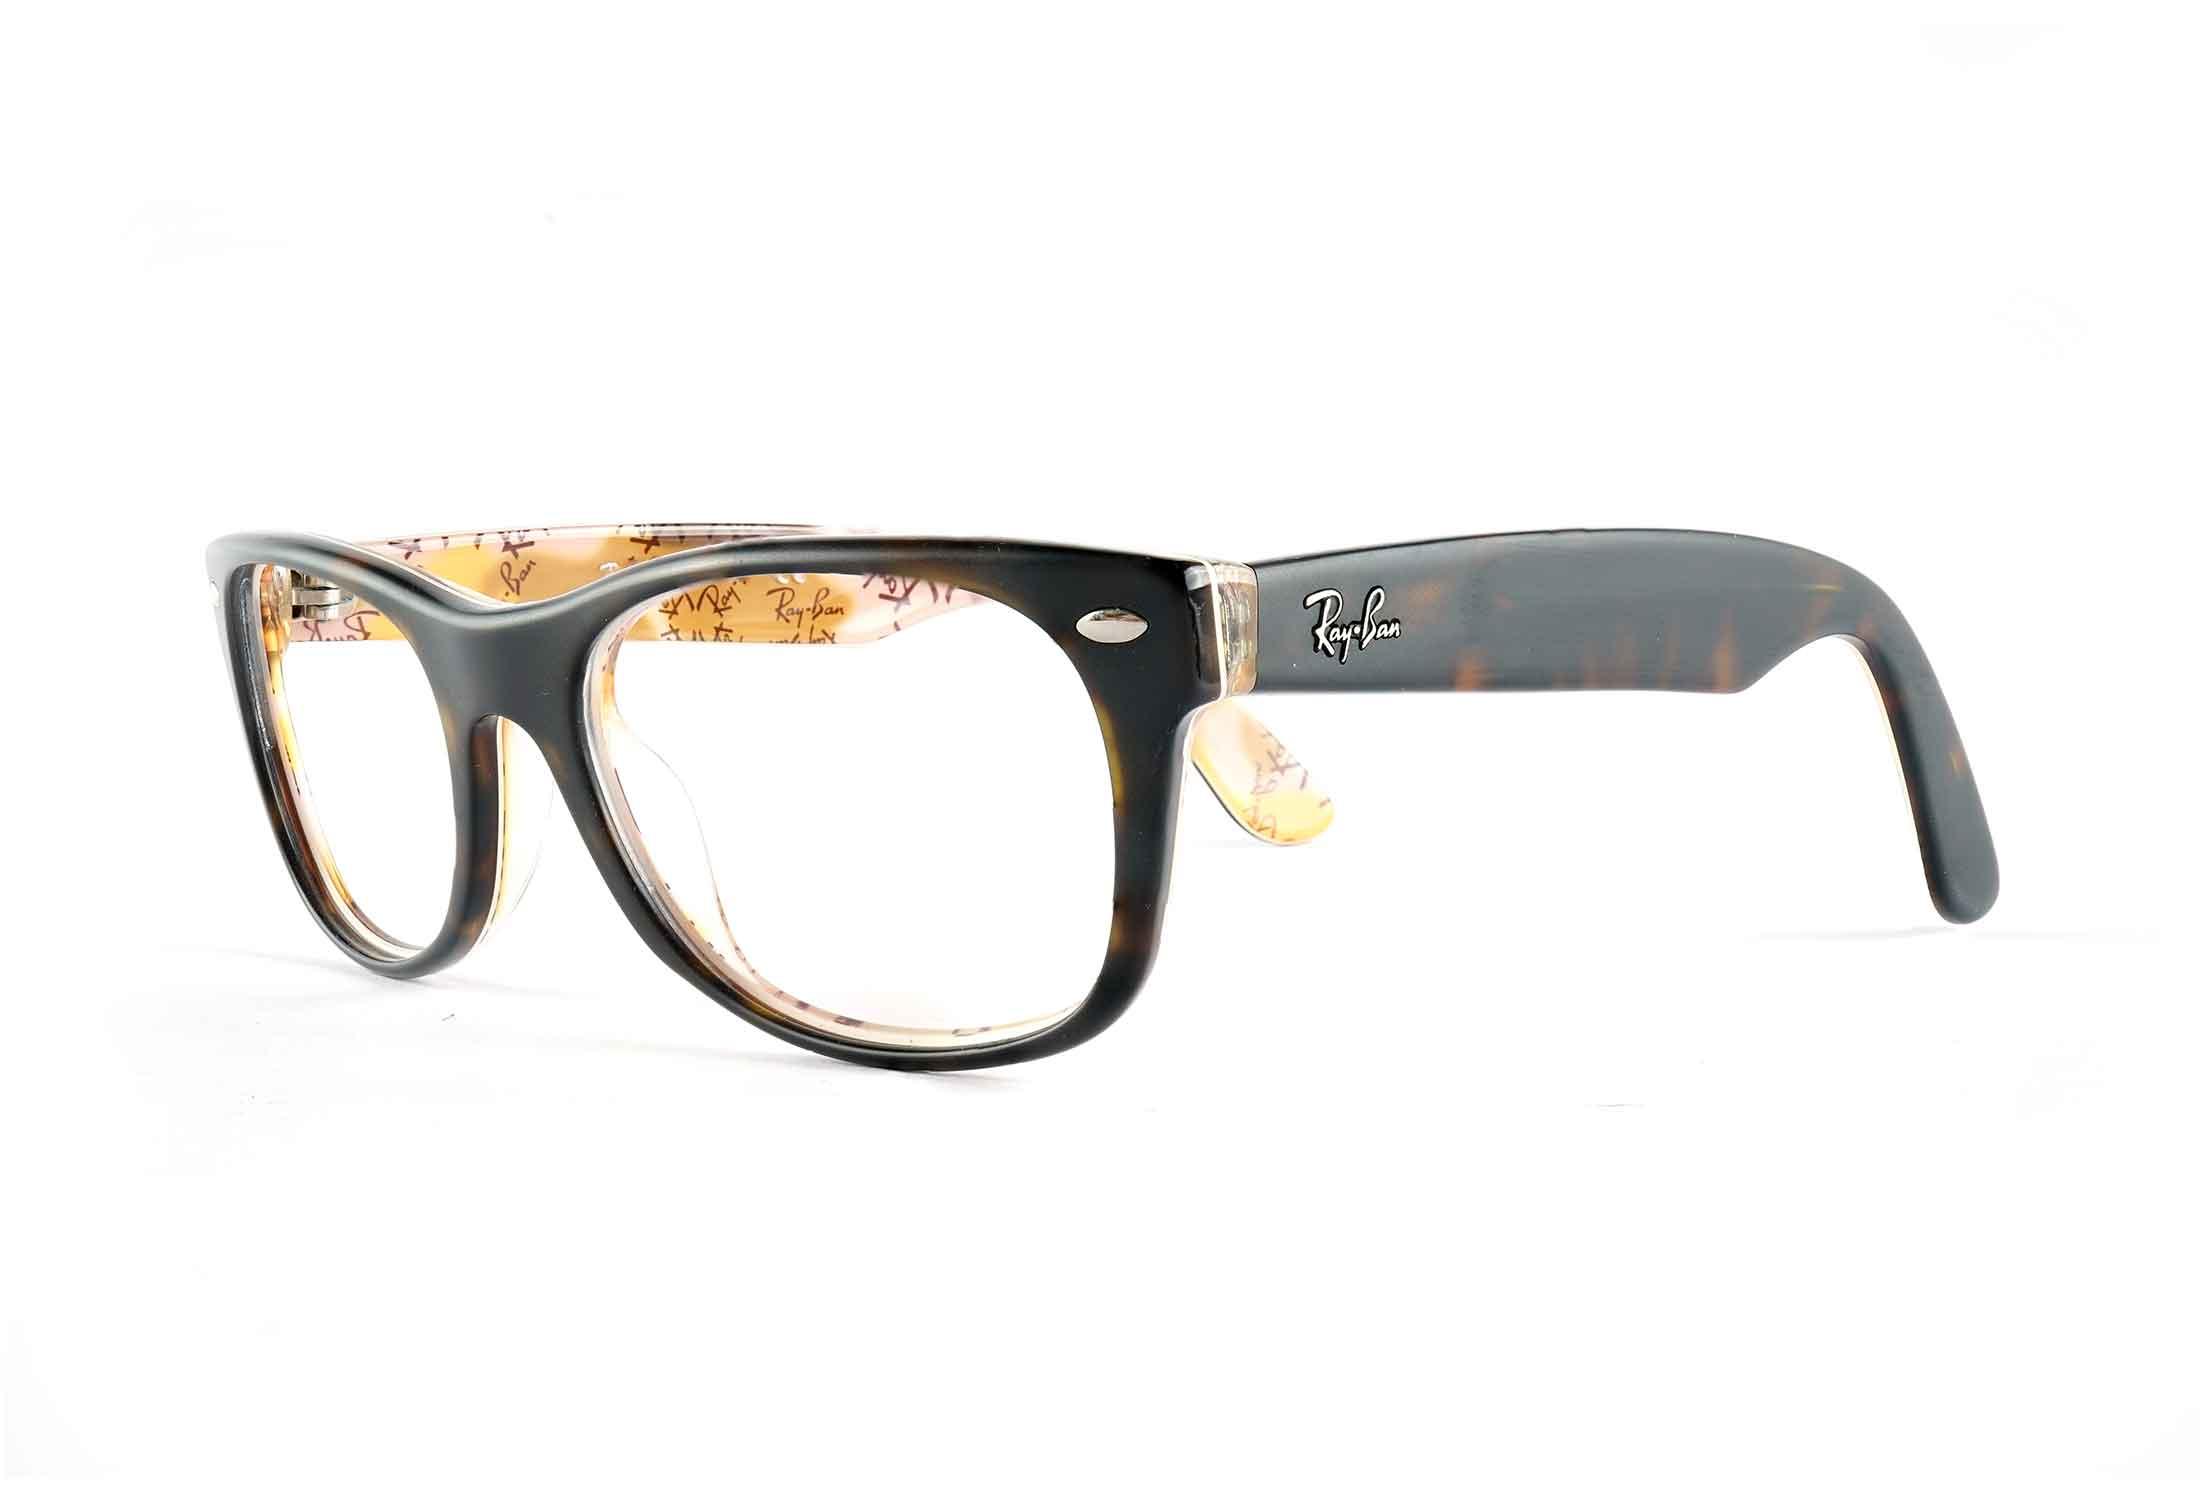 b462cdc209eb RB5184 briller med din styrke